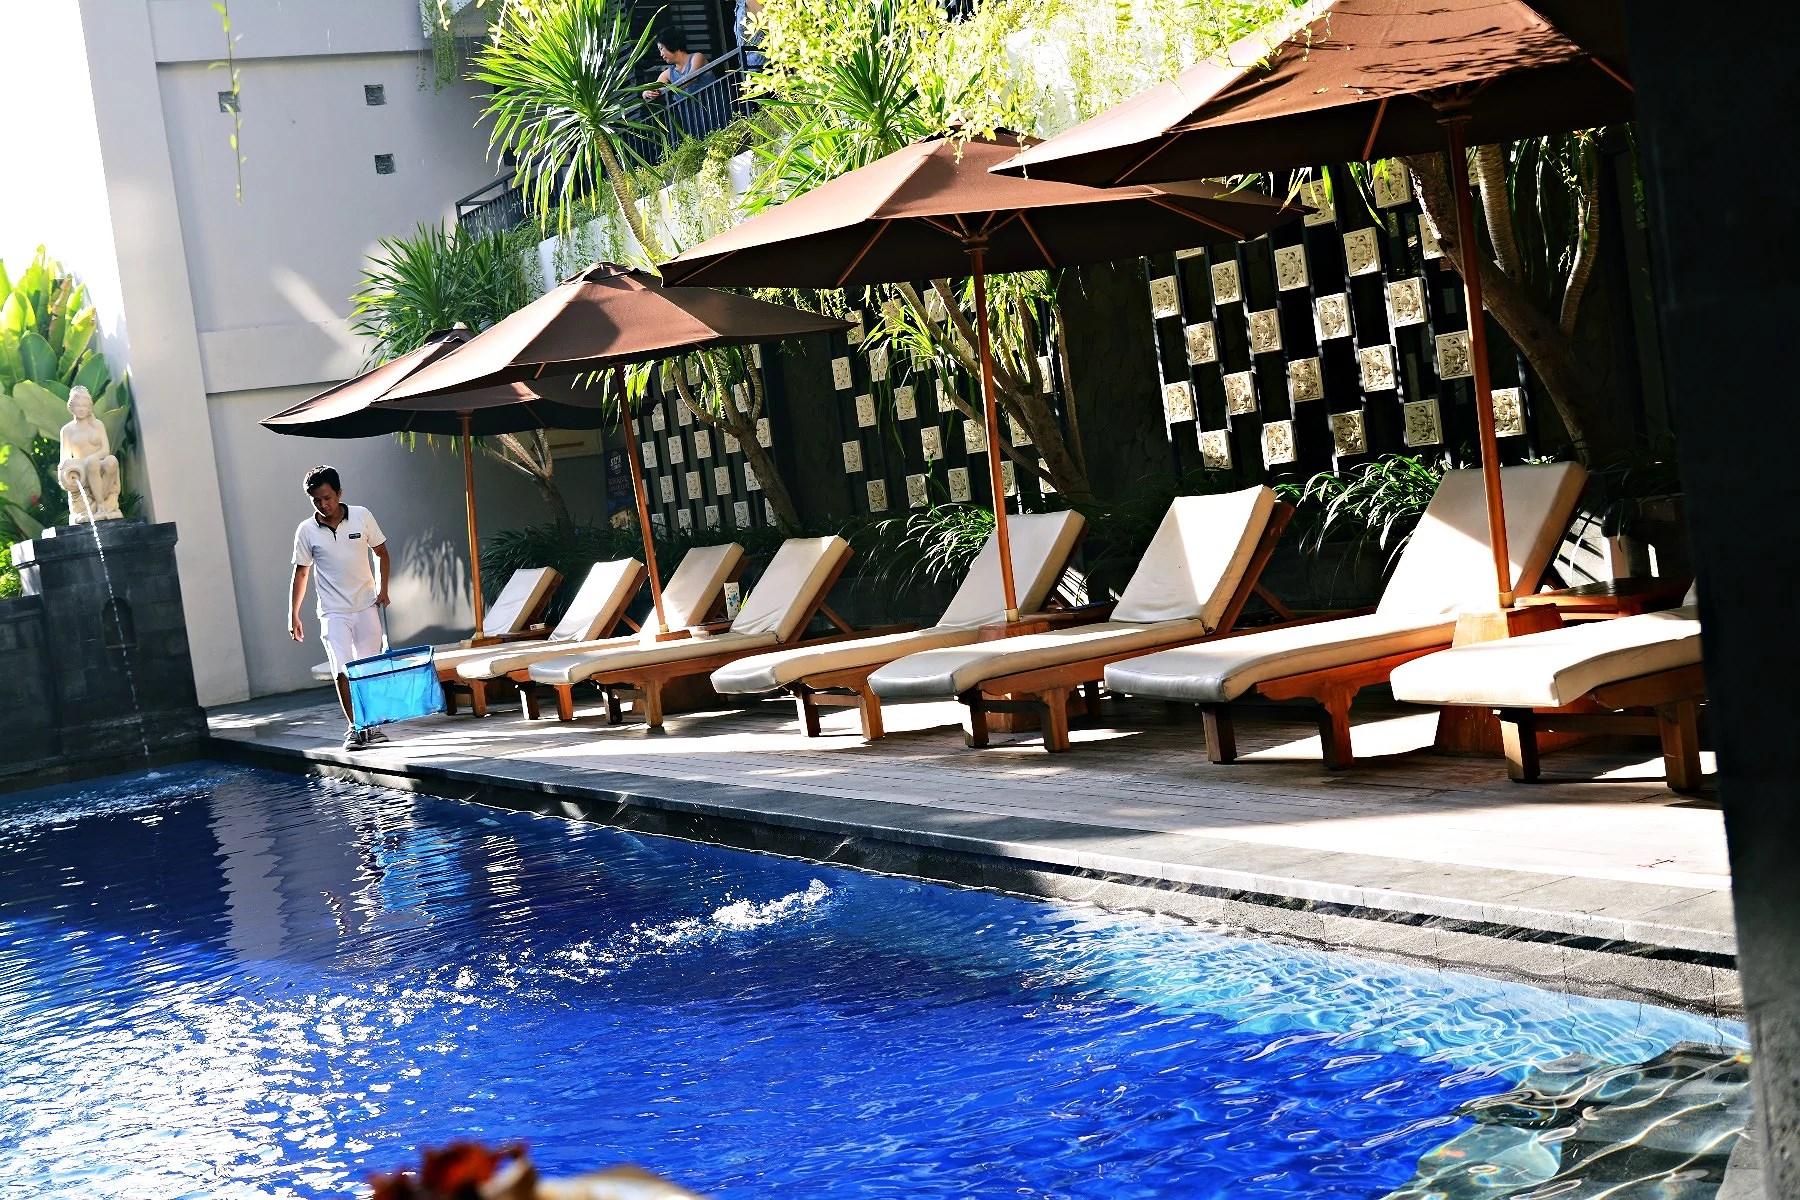 Grand la villais Hotel & Spa